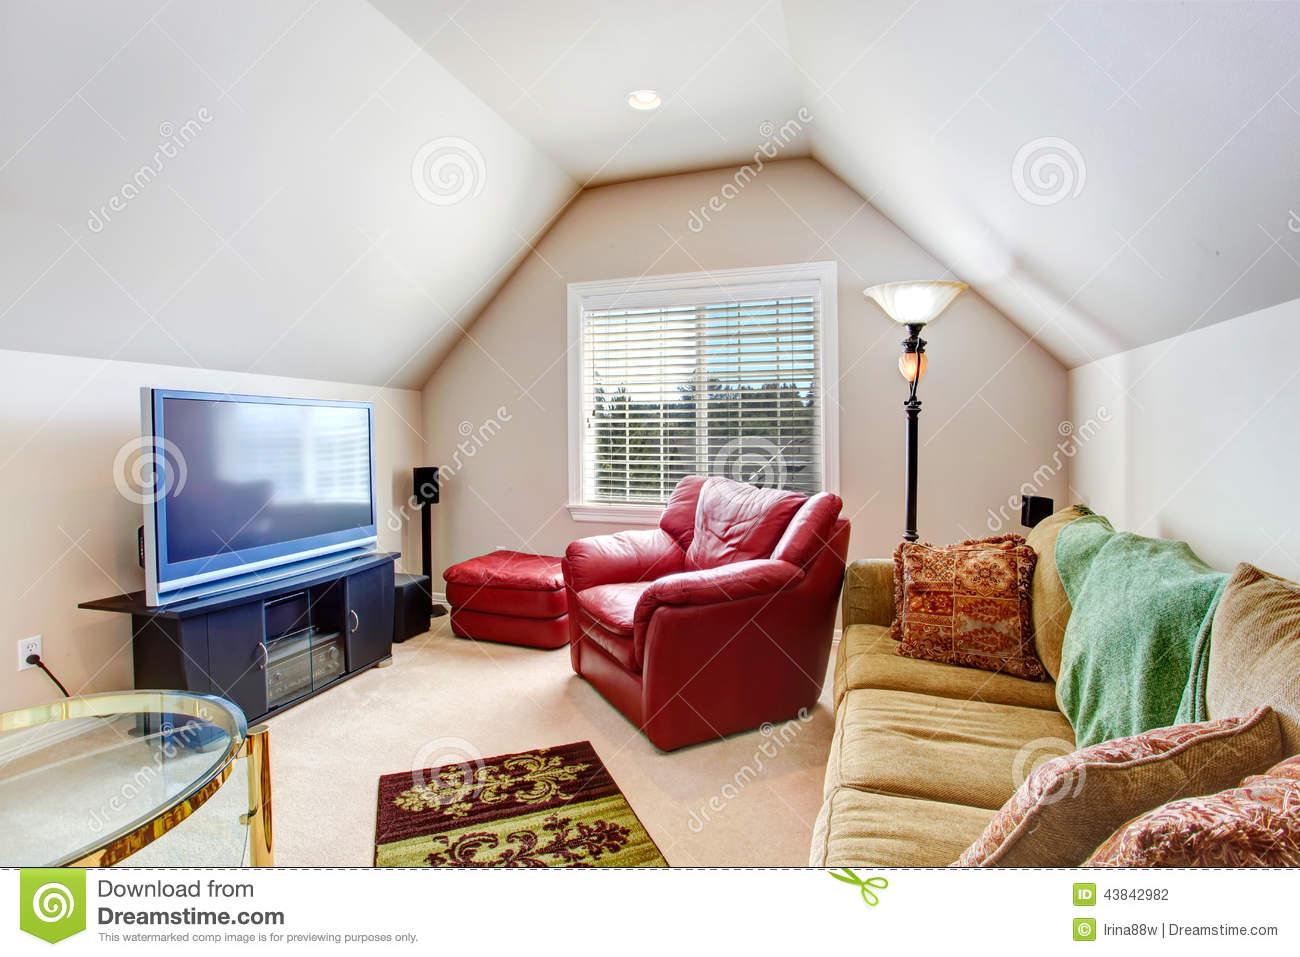 Full Size of Leder Sofa Kleines Wohnzimmer Sofas Kleine Wohnzimmer Kleines Wohnzimmer Großes Sofa Sofas Für Kleines Wohnzimmer Wohnzimmer Sofa Kleines Wohnzimmer